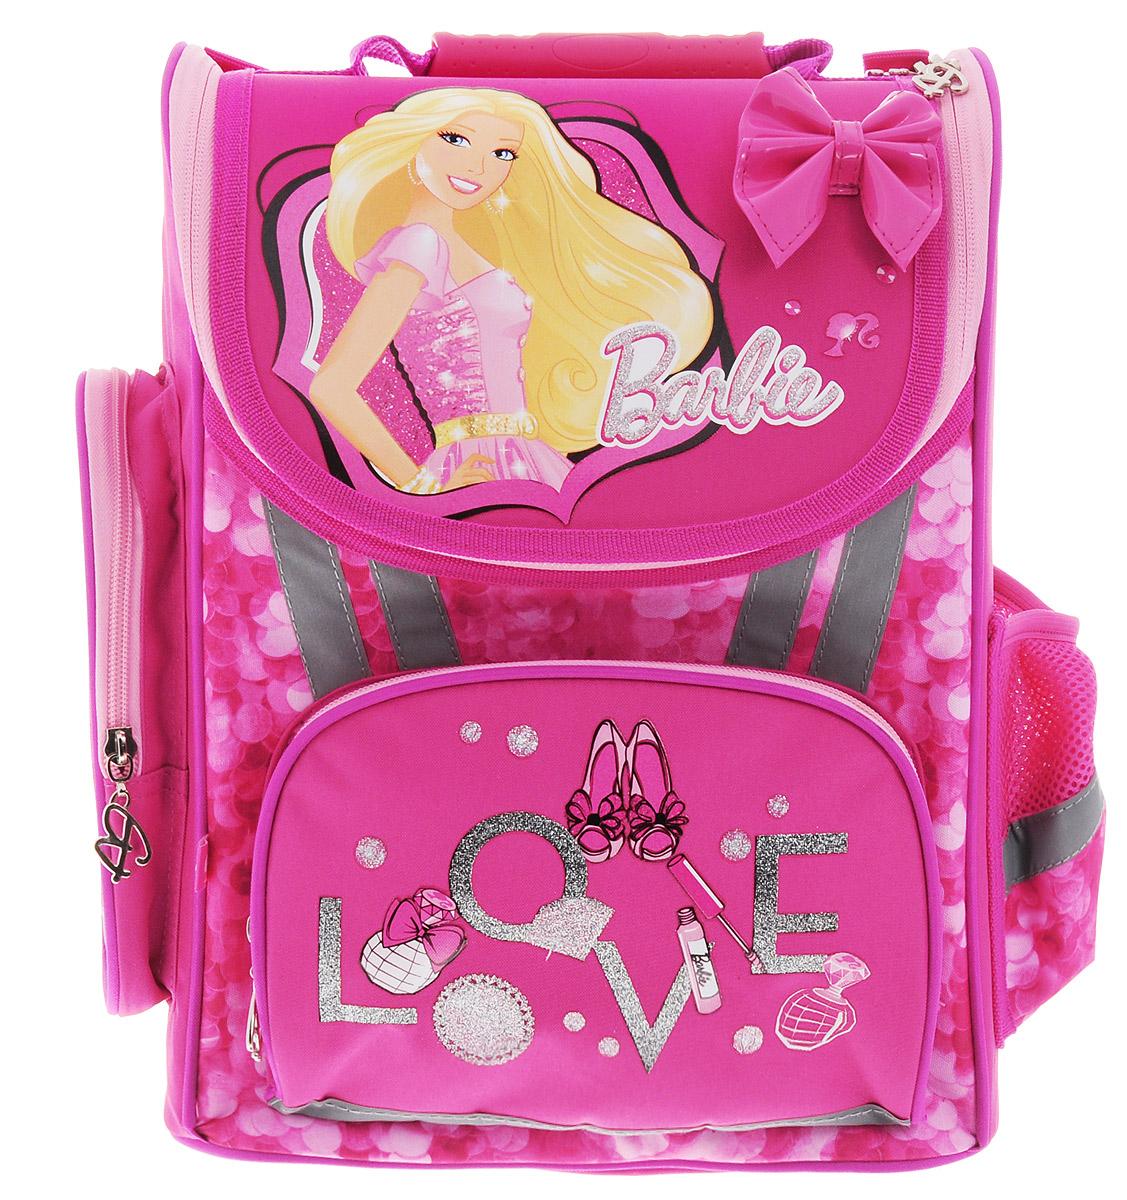 Barbie Ранец школьный BarbieMYCB-UT2-797Школьный ранец Barbie выполнен из современного легкого и прочного полиэстера ярко-розового цвета. Ранец дополнен яркими аппликациями с куклой Barbie и декоративным лаковым бантиком. Ранец имеет одно основное отделение, закрывающееся на клапан с молнией. Под крышкой клапана расположен прозрачный пластиковый кармашек для вкладыша с адресом и ФИО владельца. Внутри главного отделения расположены два мягких разделителя с утягивающей резинкой, предназначенные для тетрадей и учебников. На лицевой стороне ранца расположен накладной карман на молнии. По бокам ранца размещены два дополнительных накладных кармана, один на молнии, и один открытый. Анатомическая вентилируемая спинка ранца и широкие мягкие лямки, регулируемые по длине, равномерно распределяют нагрузку на плечевой пояс, способствуя формированию правильной осанки. Ранец оснащен эргономичной ручкой для переноски и петлей для подвешивания. Дно ранца защищено пластиковыми ножками. Многофункциональный школьный ранец станет незаменимым спутником вашего ребенка в походах за знаниями.